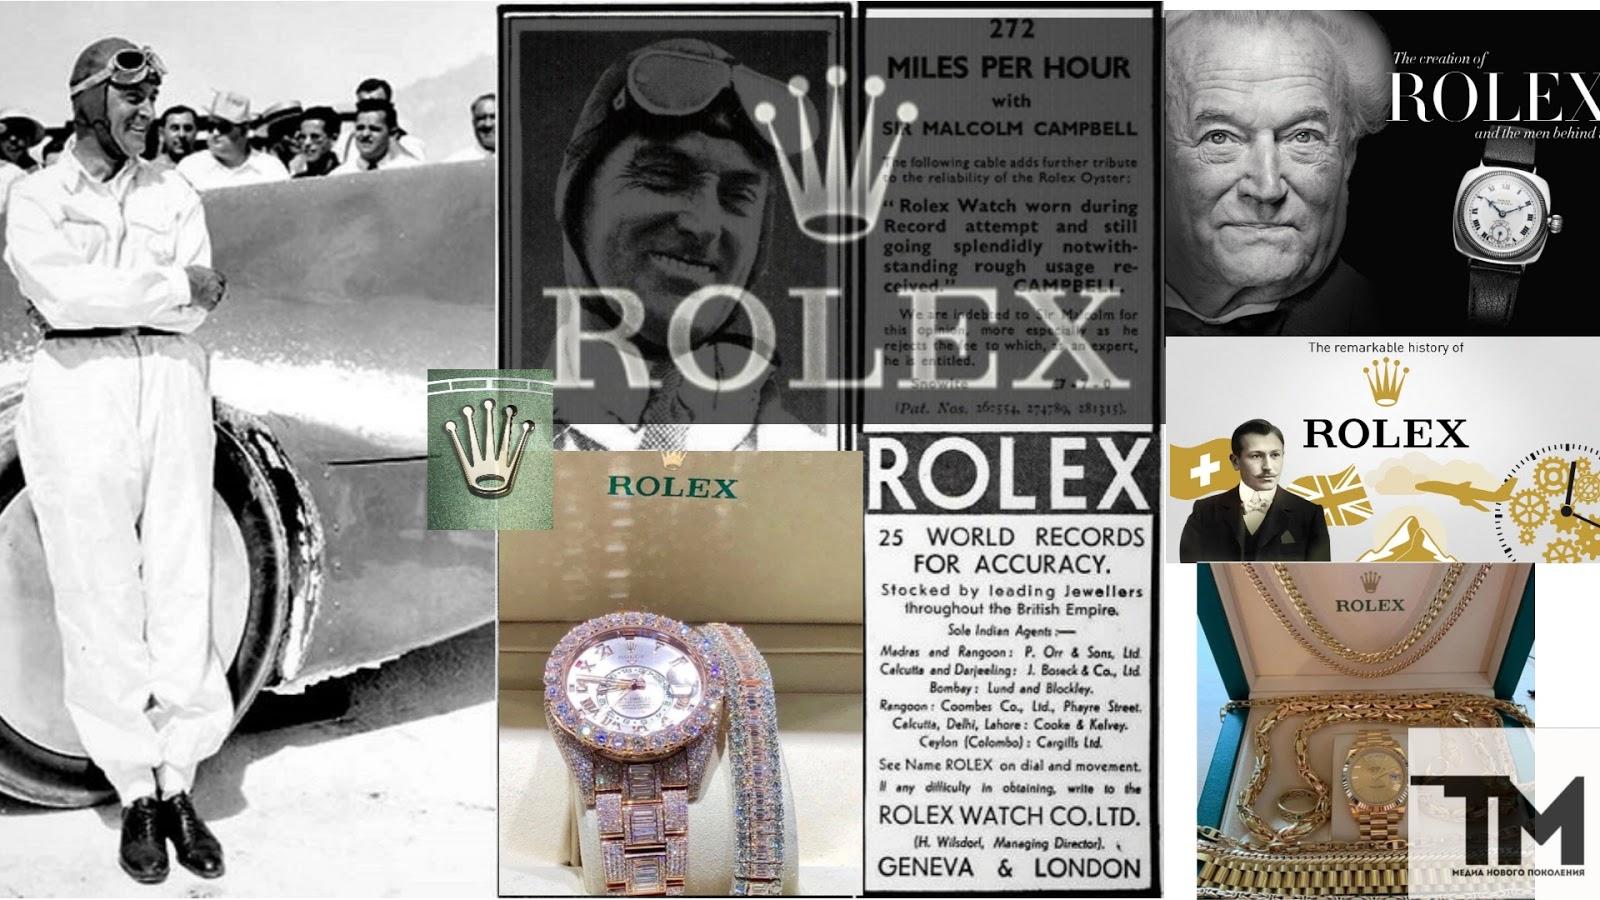 Коронованный бренд: Rolex и его история